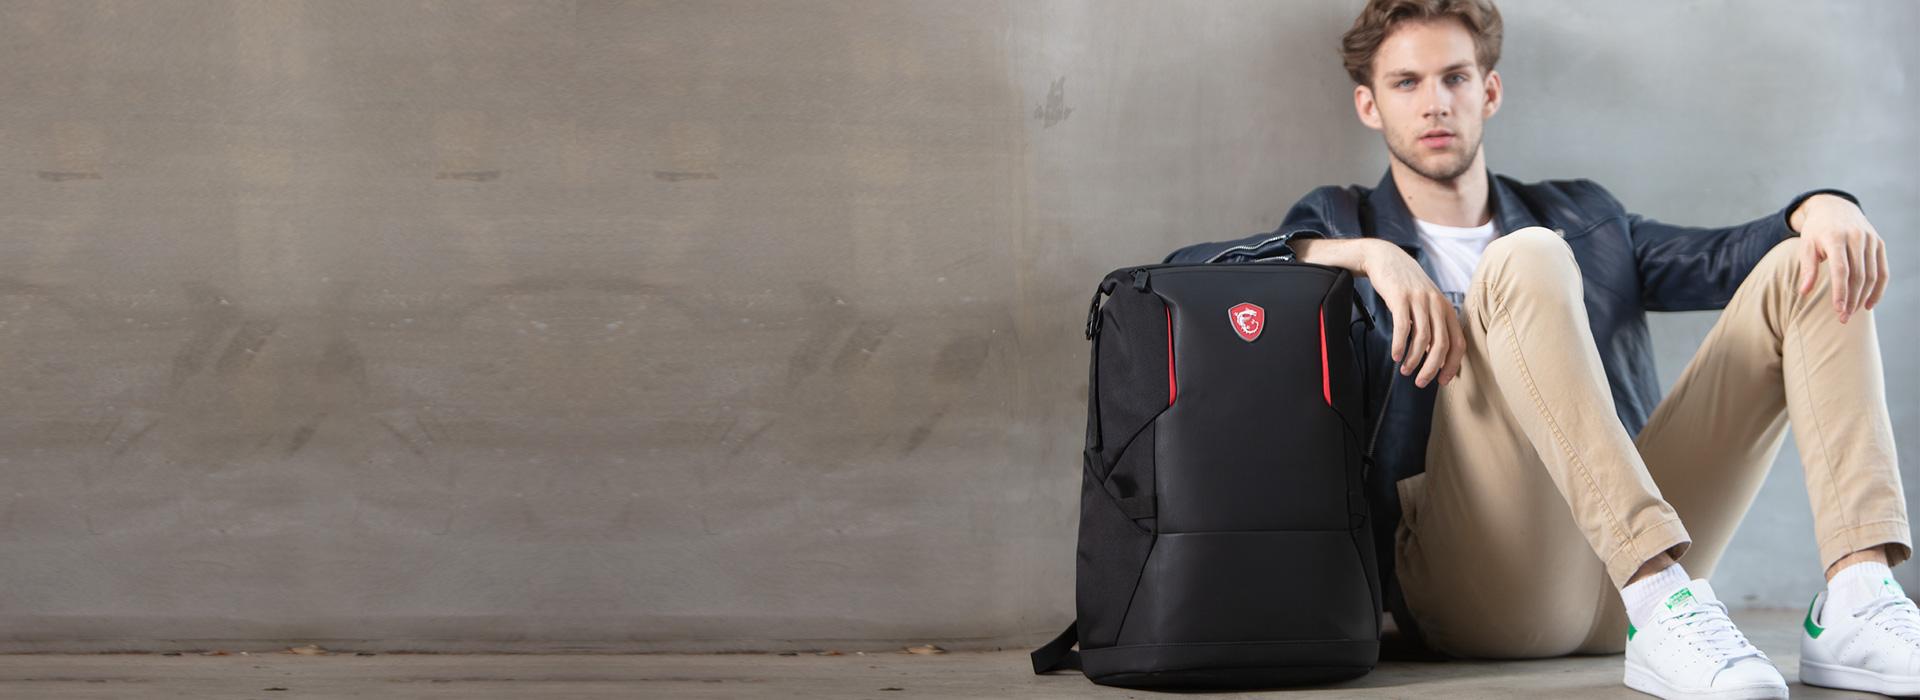 Mystic Bag